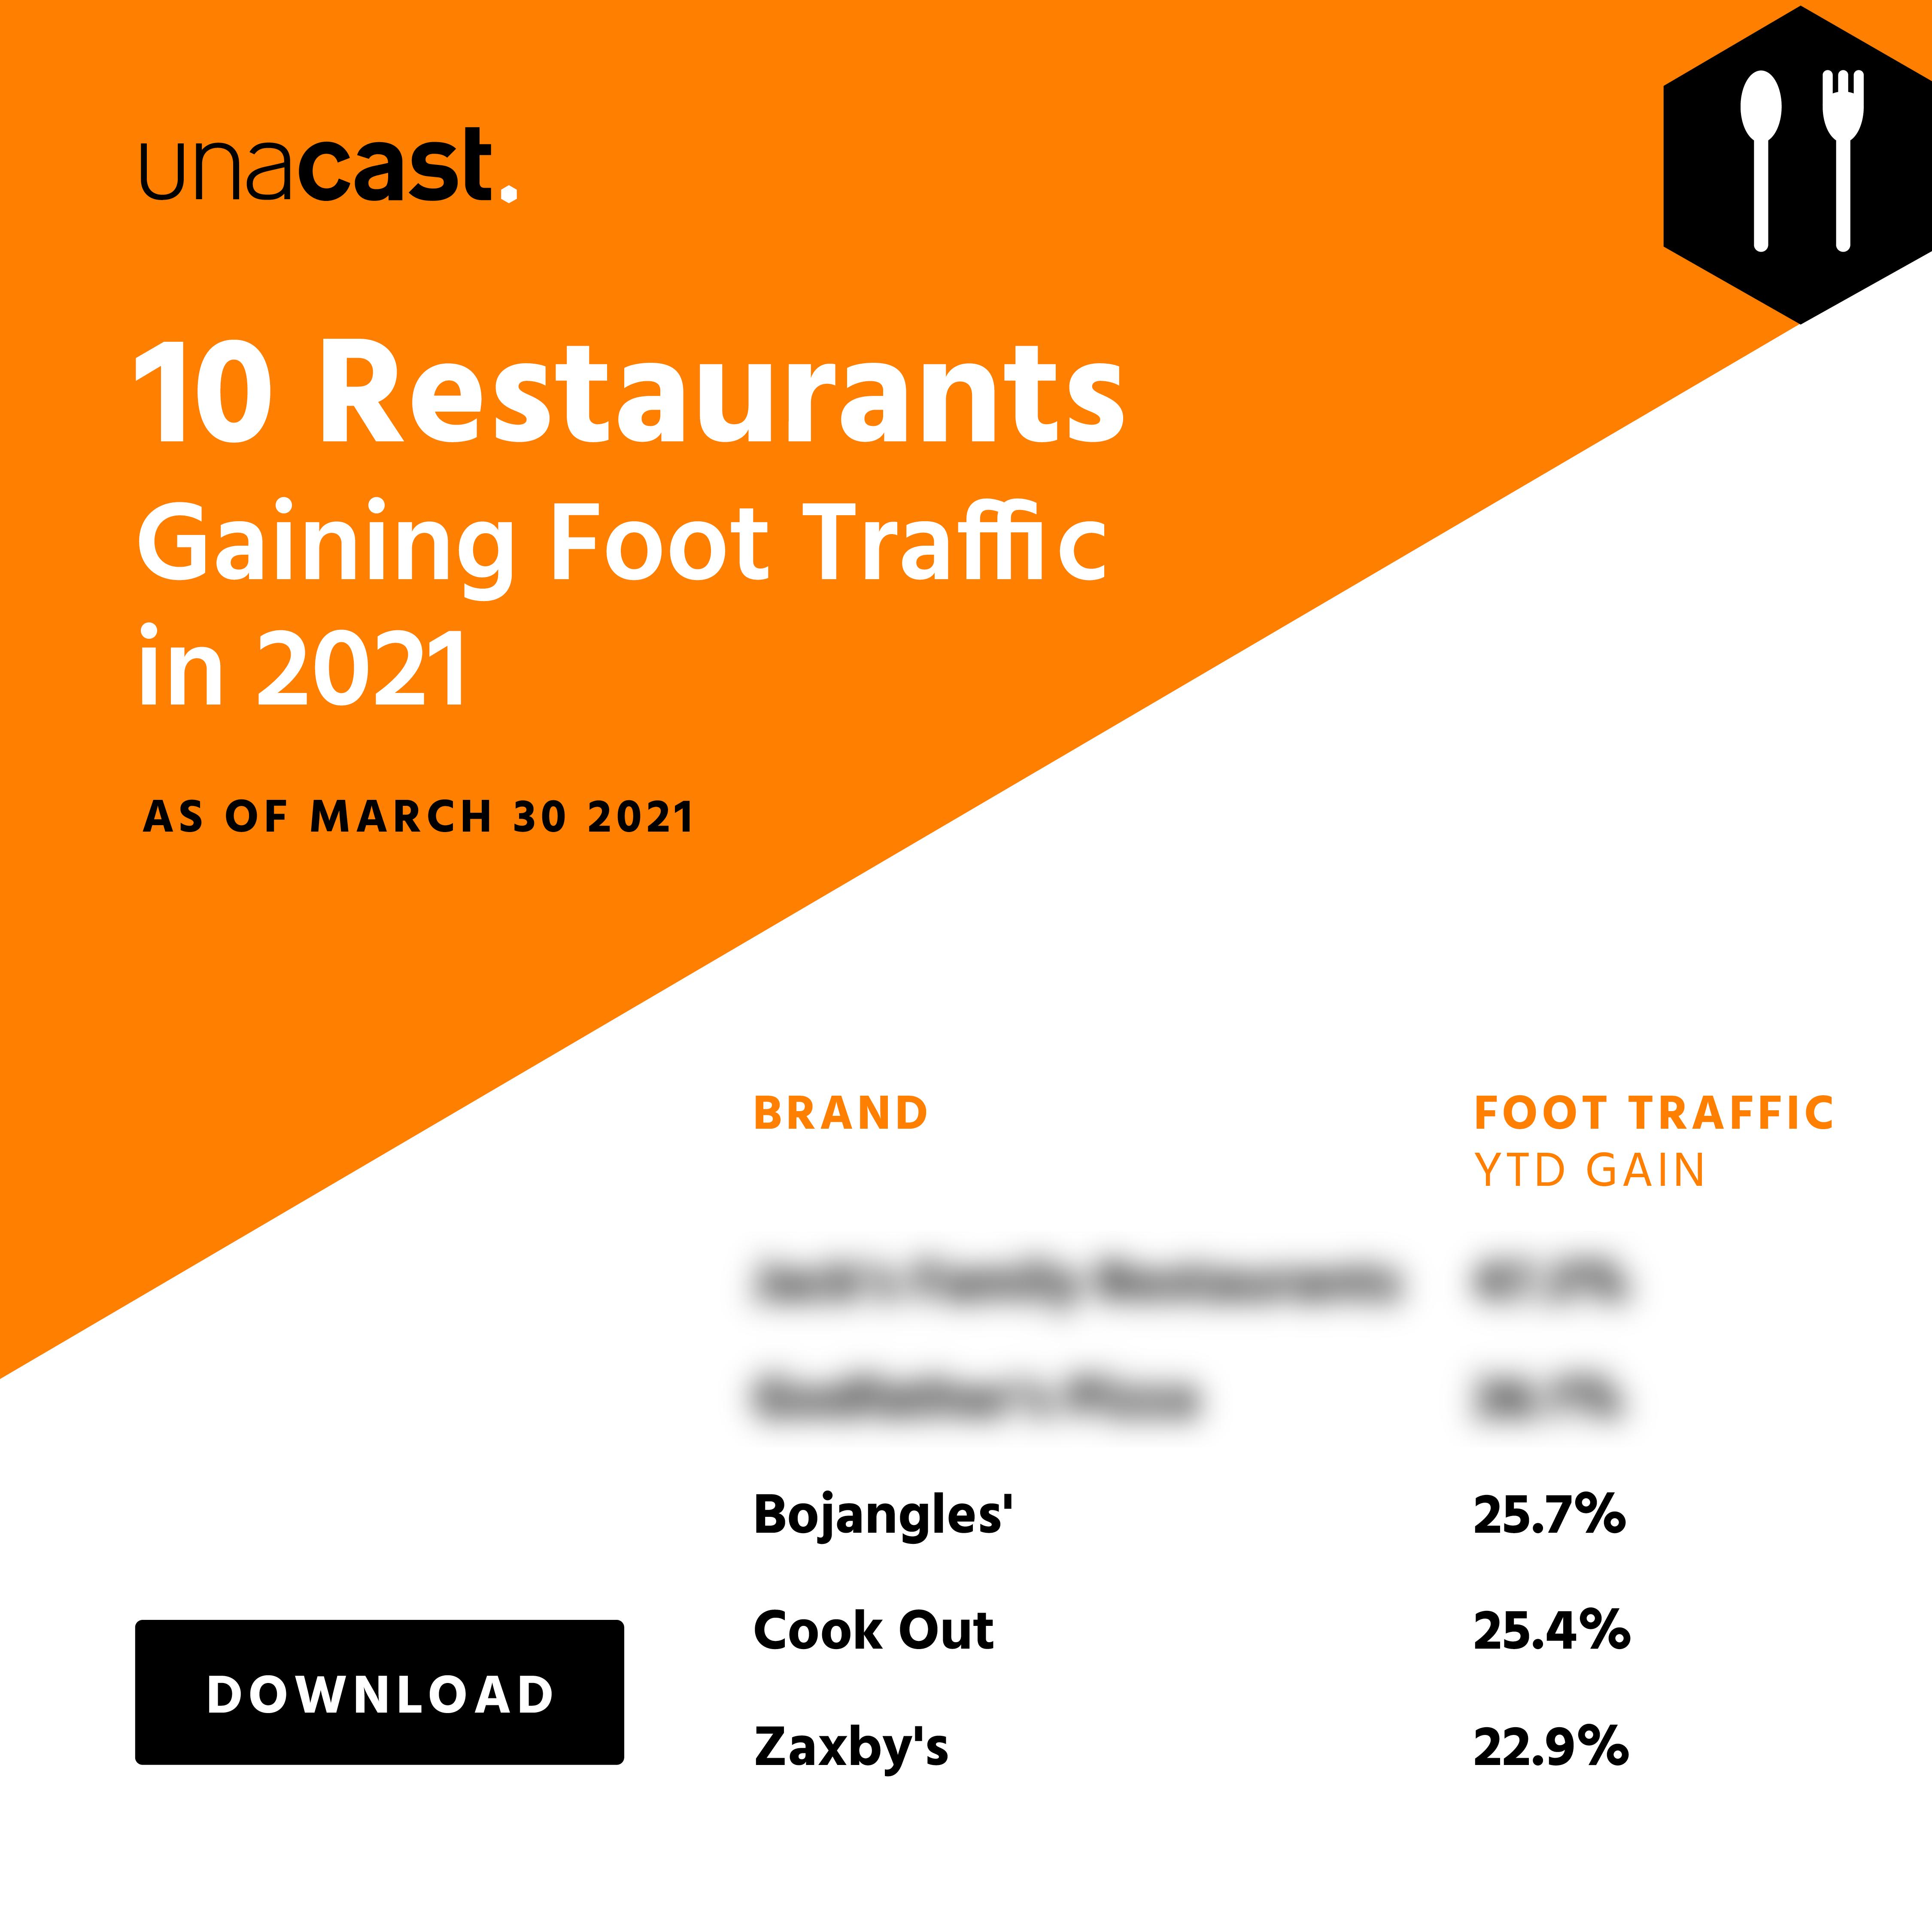 10 Restaurants Gaining Foot Traffic in 2021